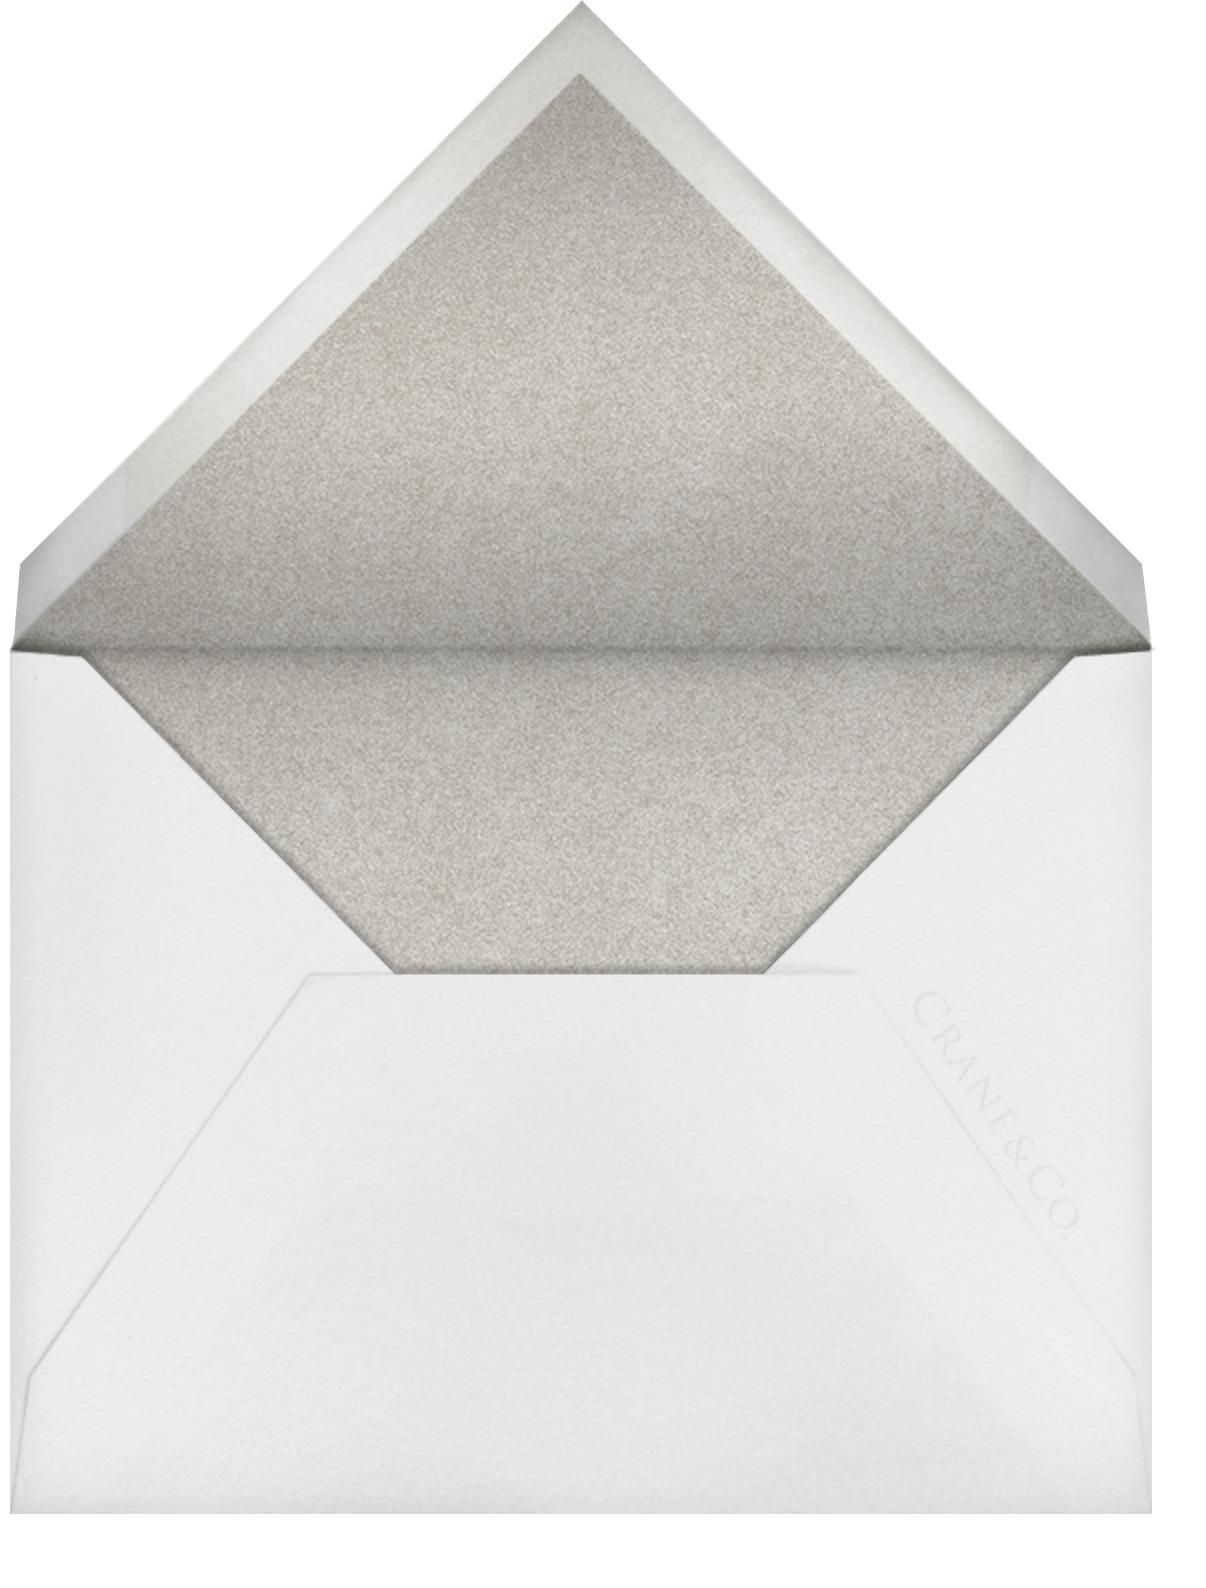 Treasured - Platinum - Kelly Wearstler - null - envelope back